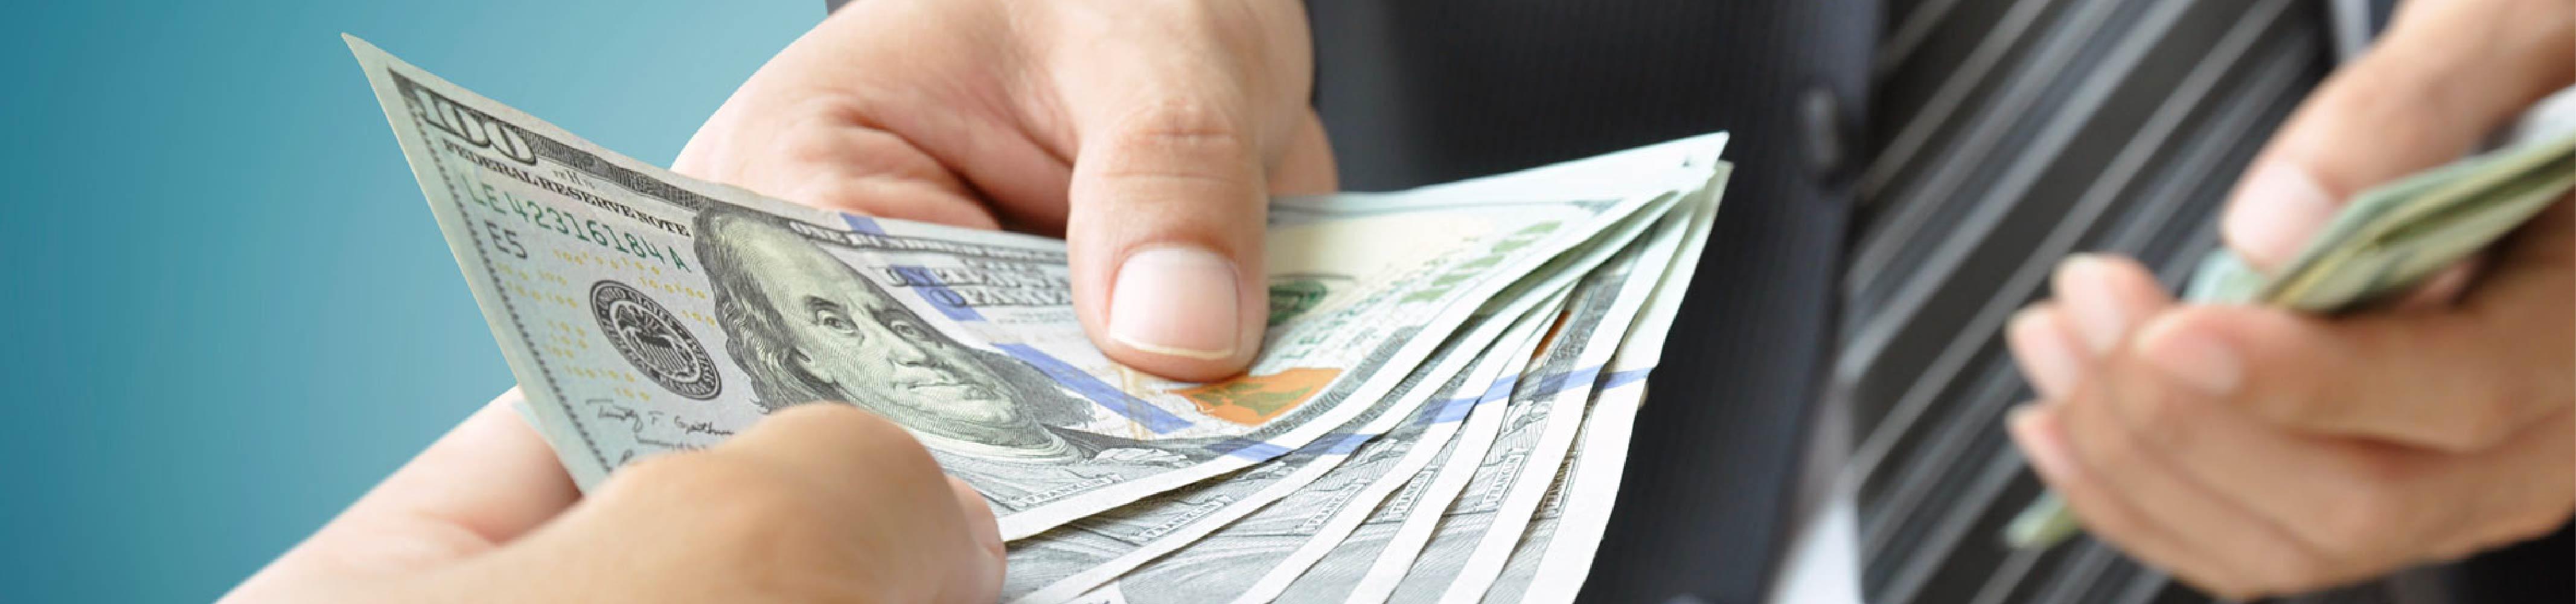 Hindari Judi dengan Uang Pinjaman